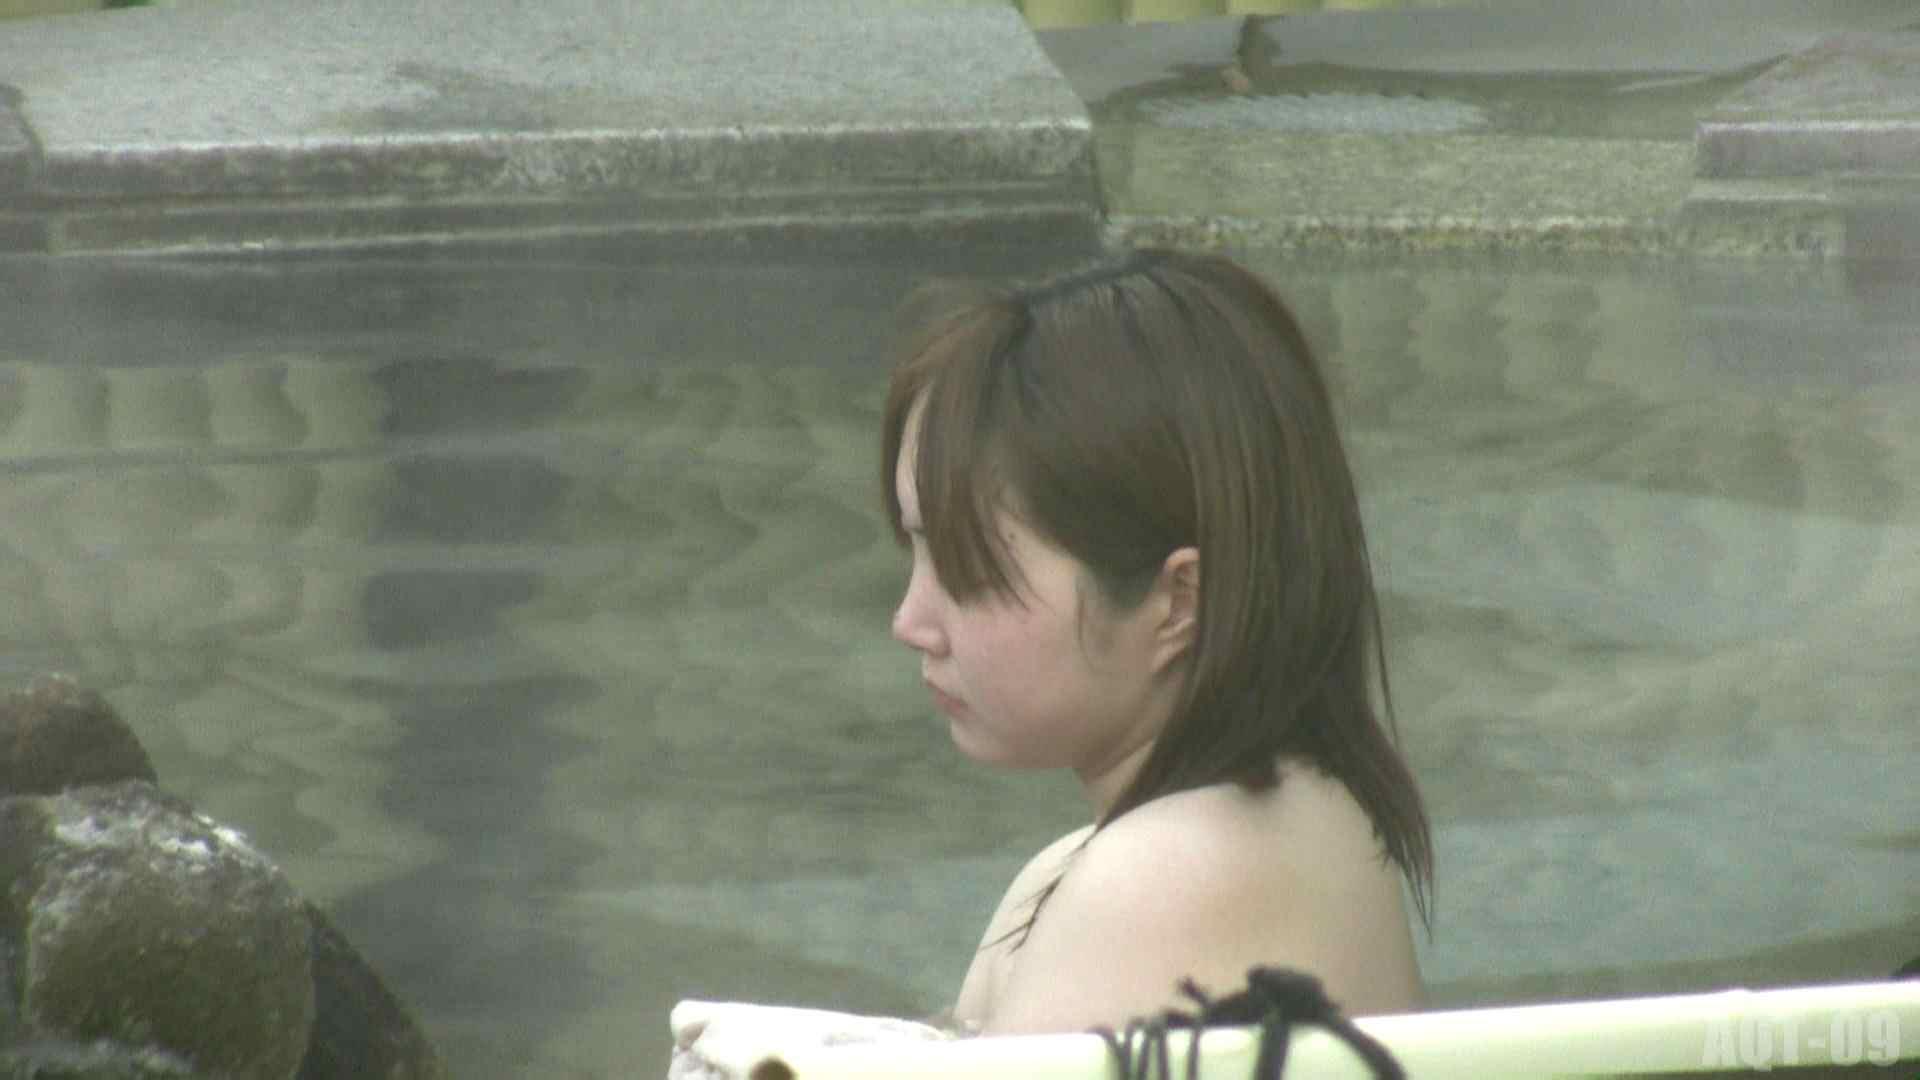 Aquaな露天風呂Vol.781 盗撮シリーズ  86PIX 38